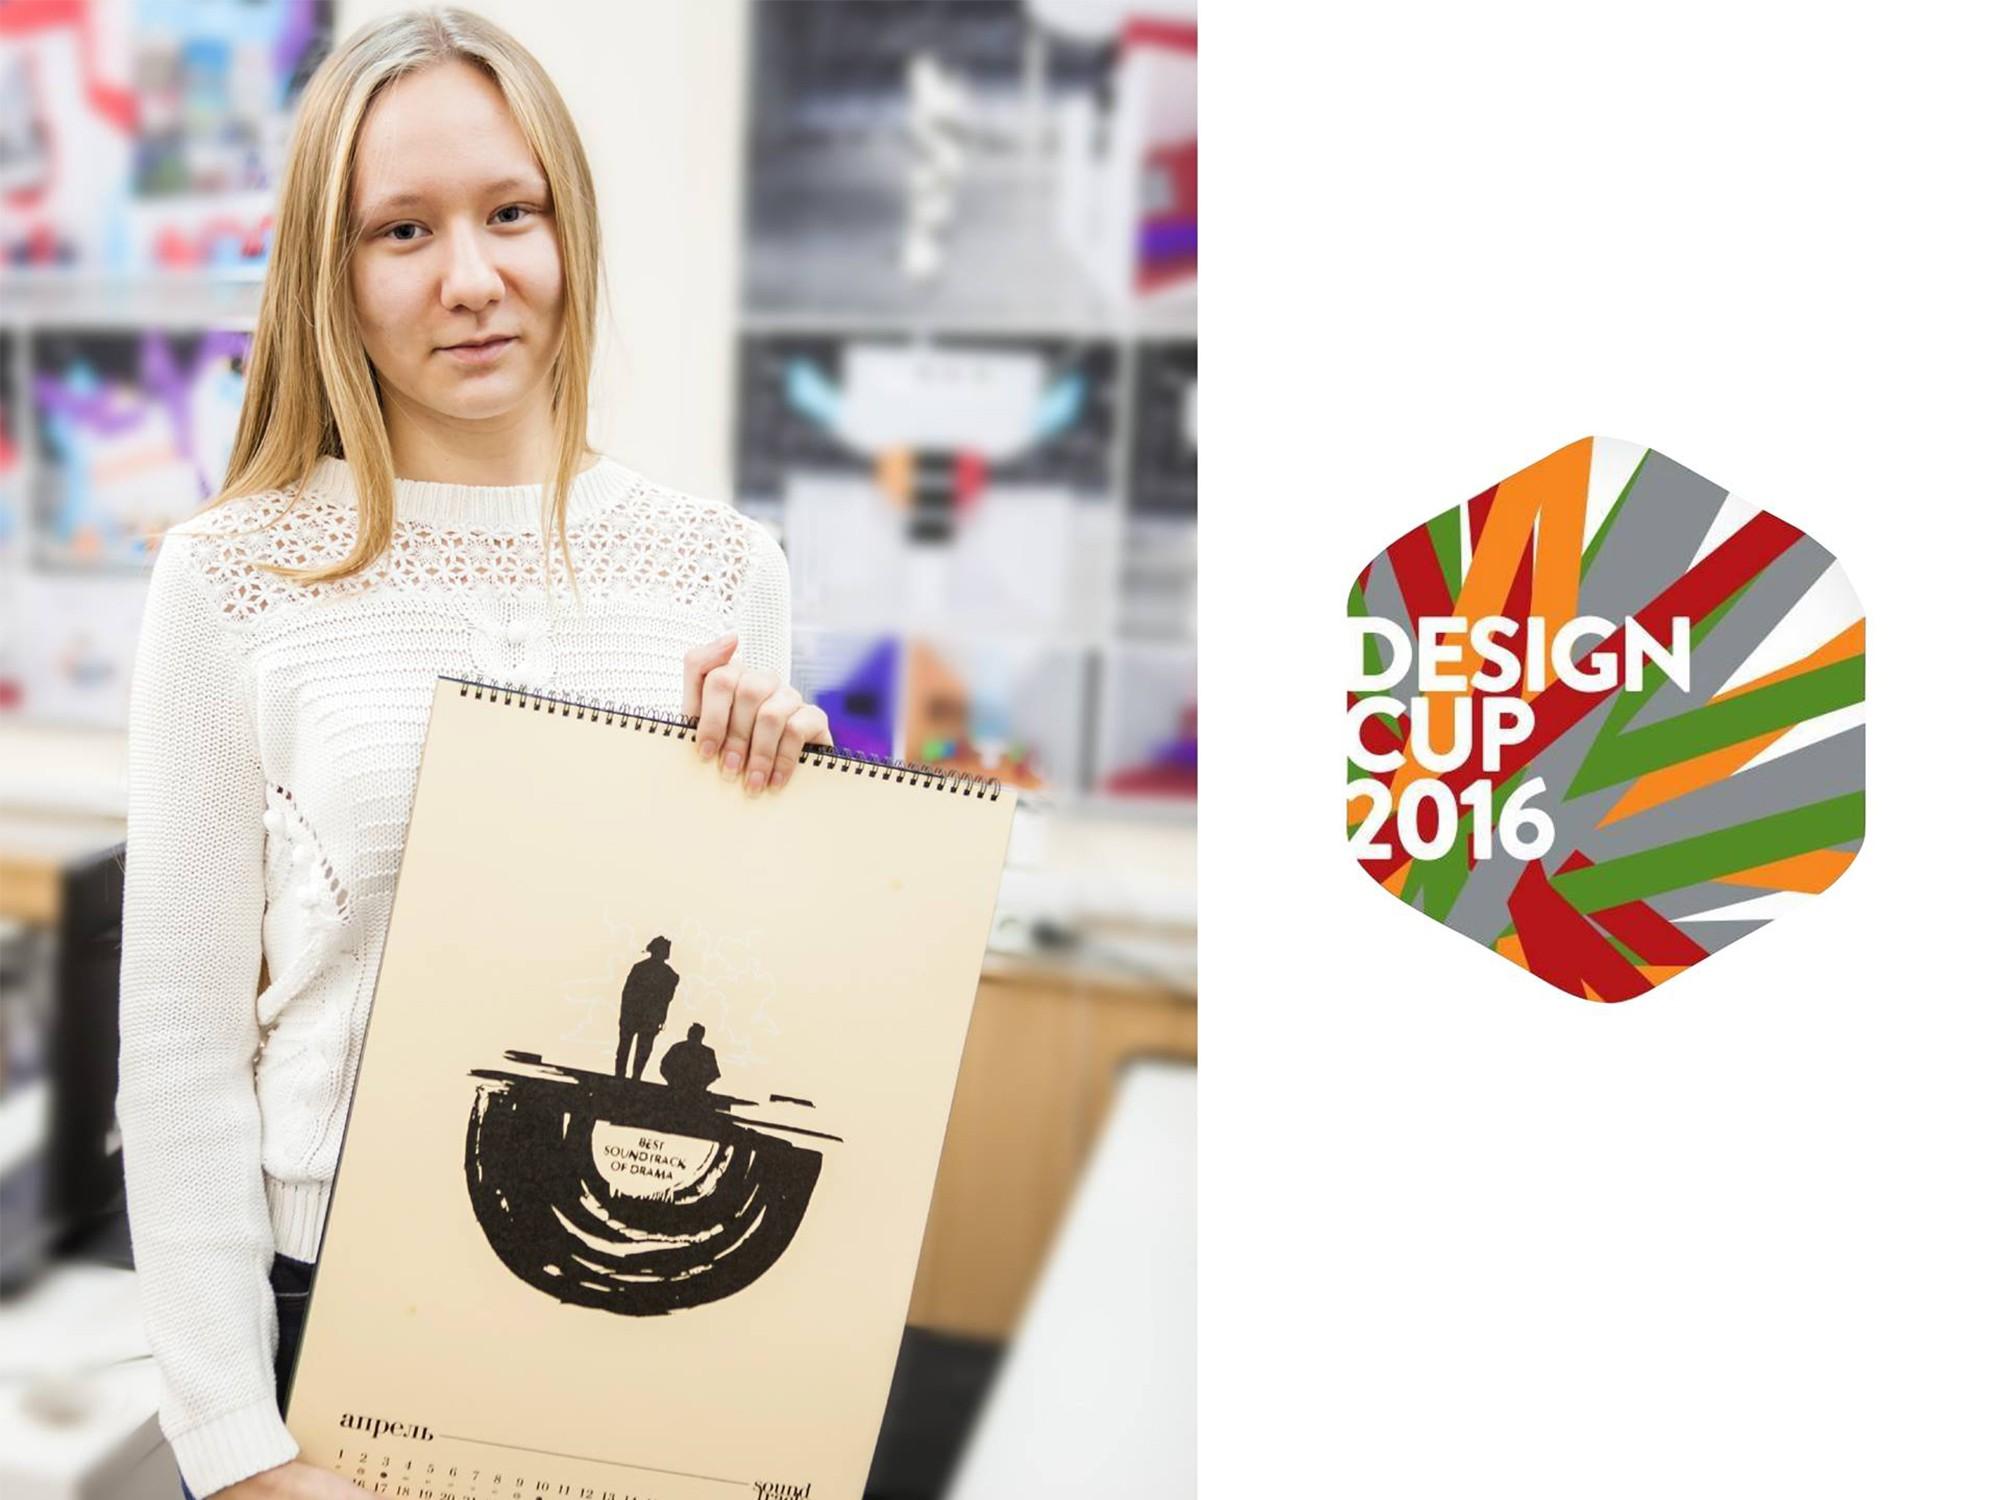 design_cup